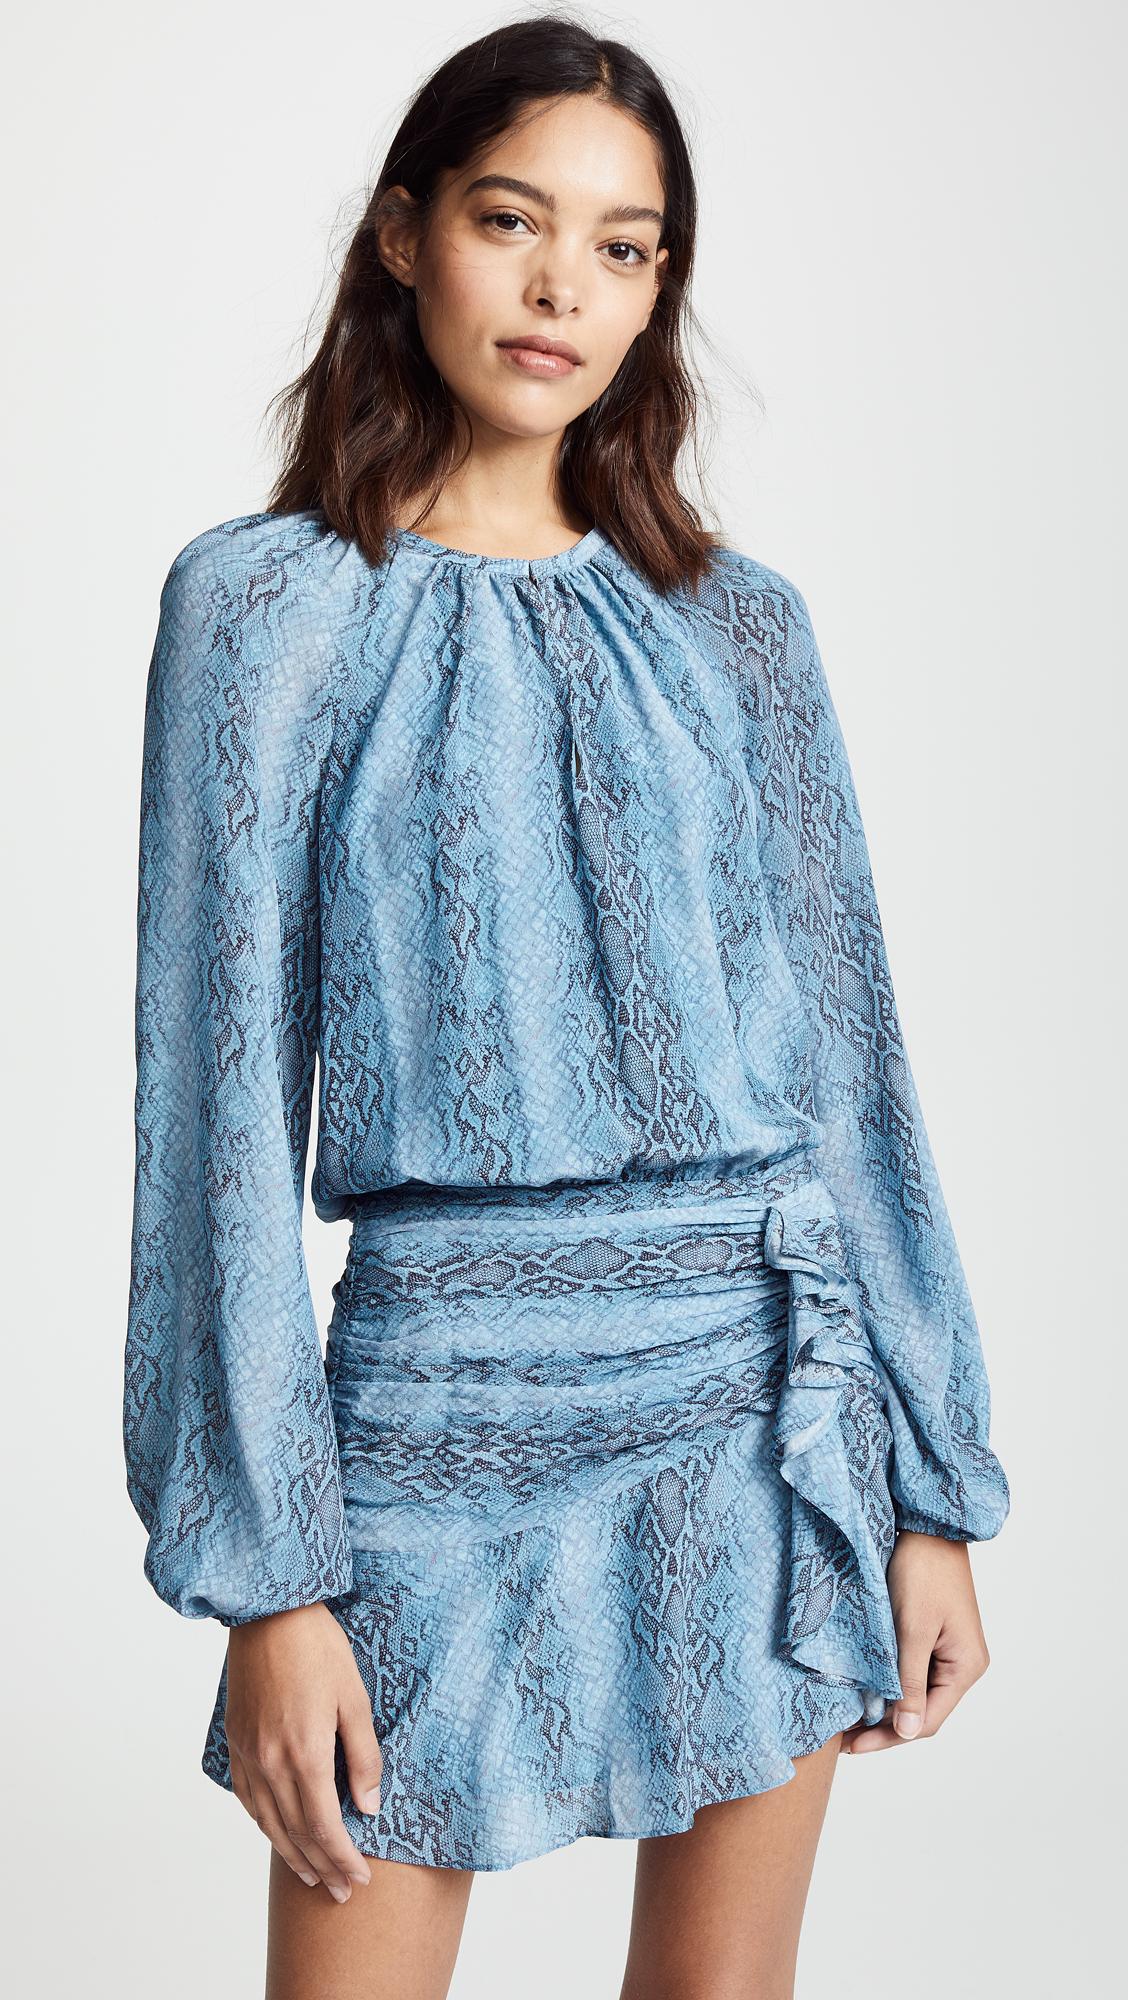 Ramy Brook Jeannie Dress